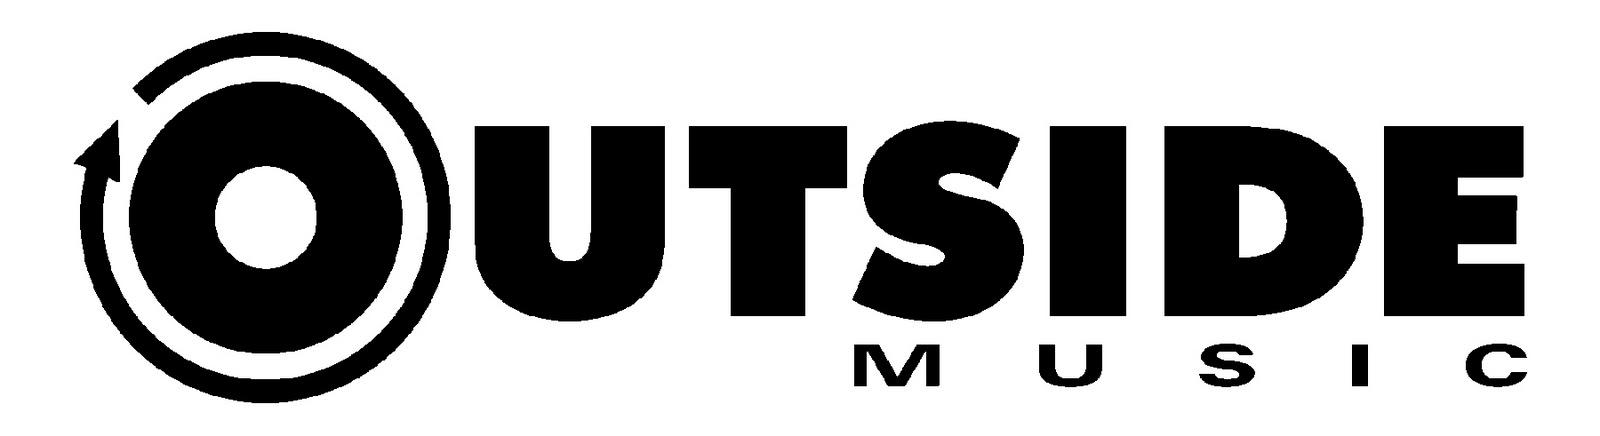 Outside Logo.jpg